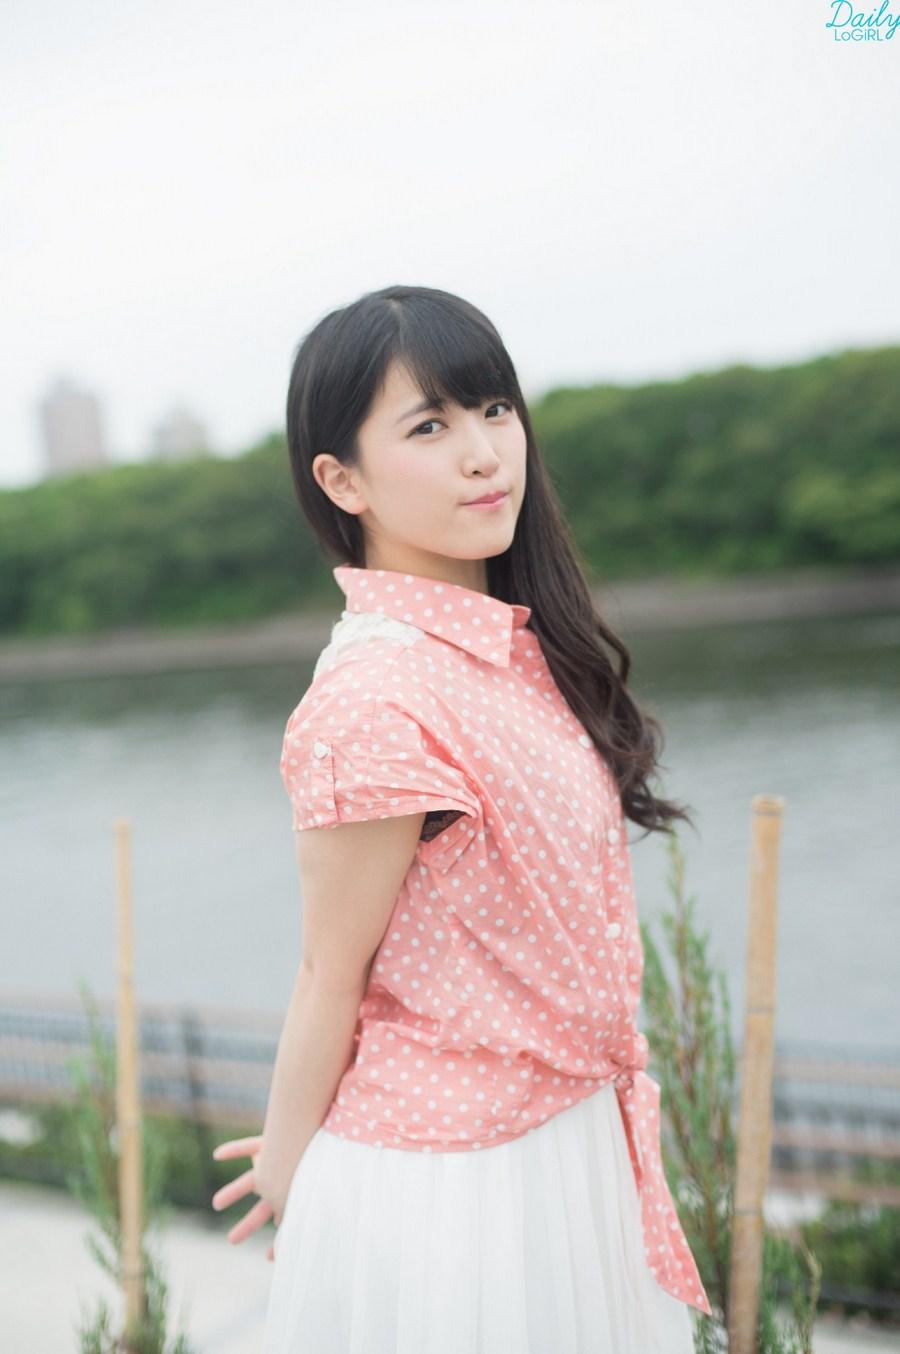 Watanabe Kurumi 渡辺くるみ, Matsuda Ayuna 松田あゆな Ange☆Reve, Daily LoGiRL No.498-499 2016.06.09 Gravure